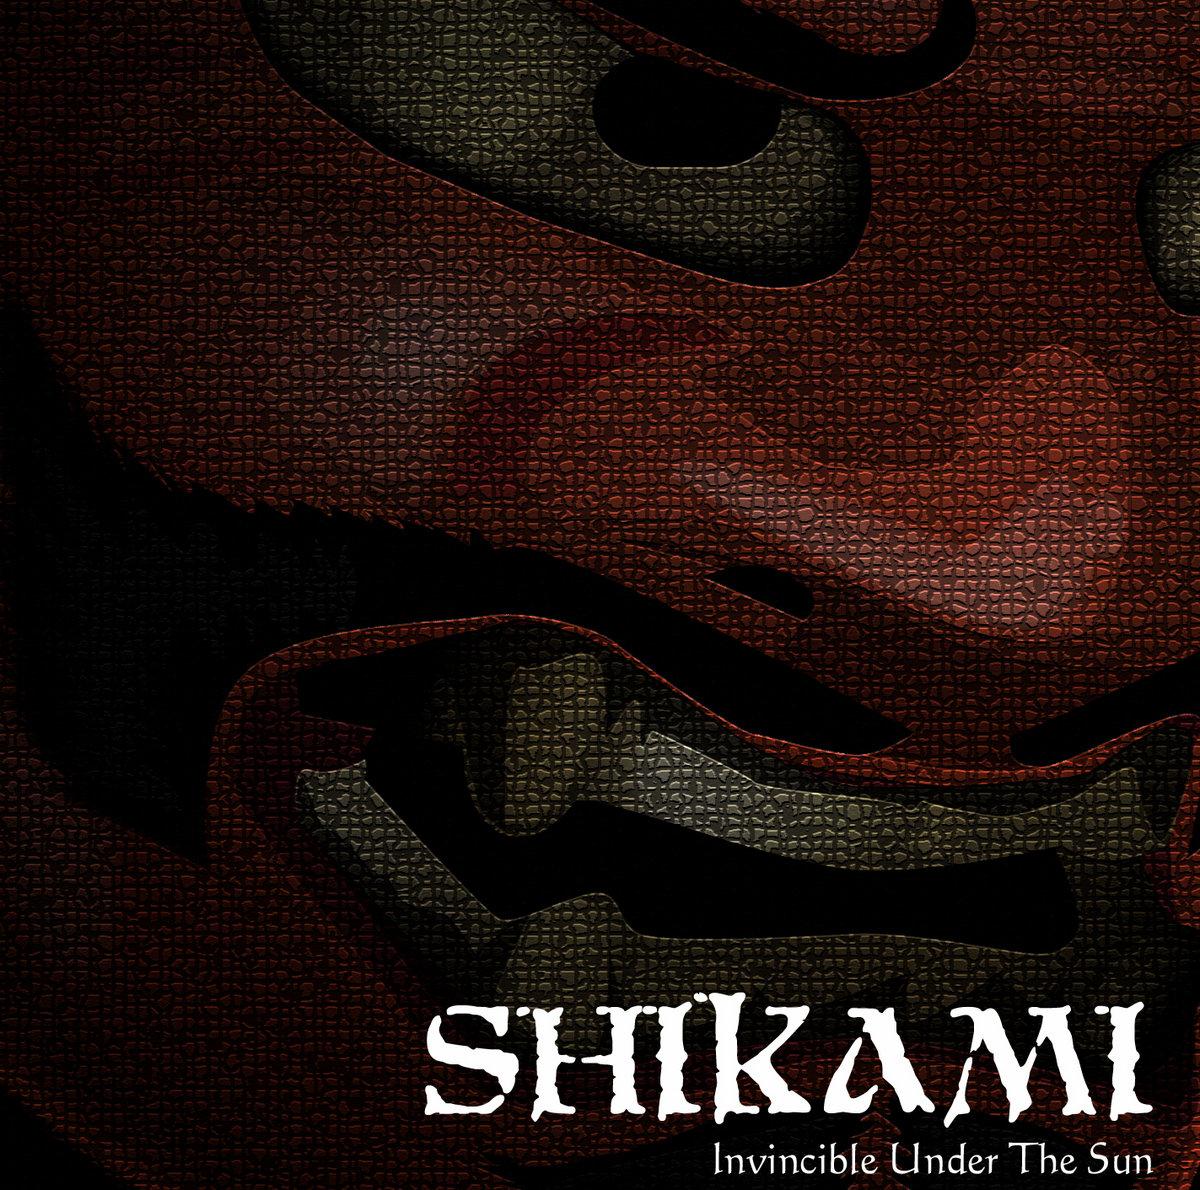 Shikami—Invincible Under the Sun